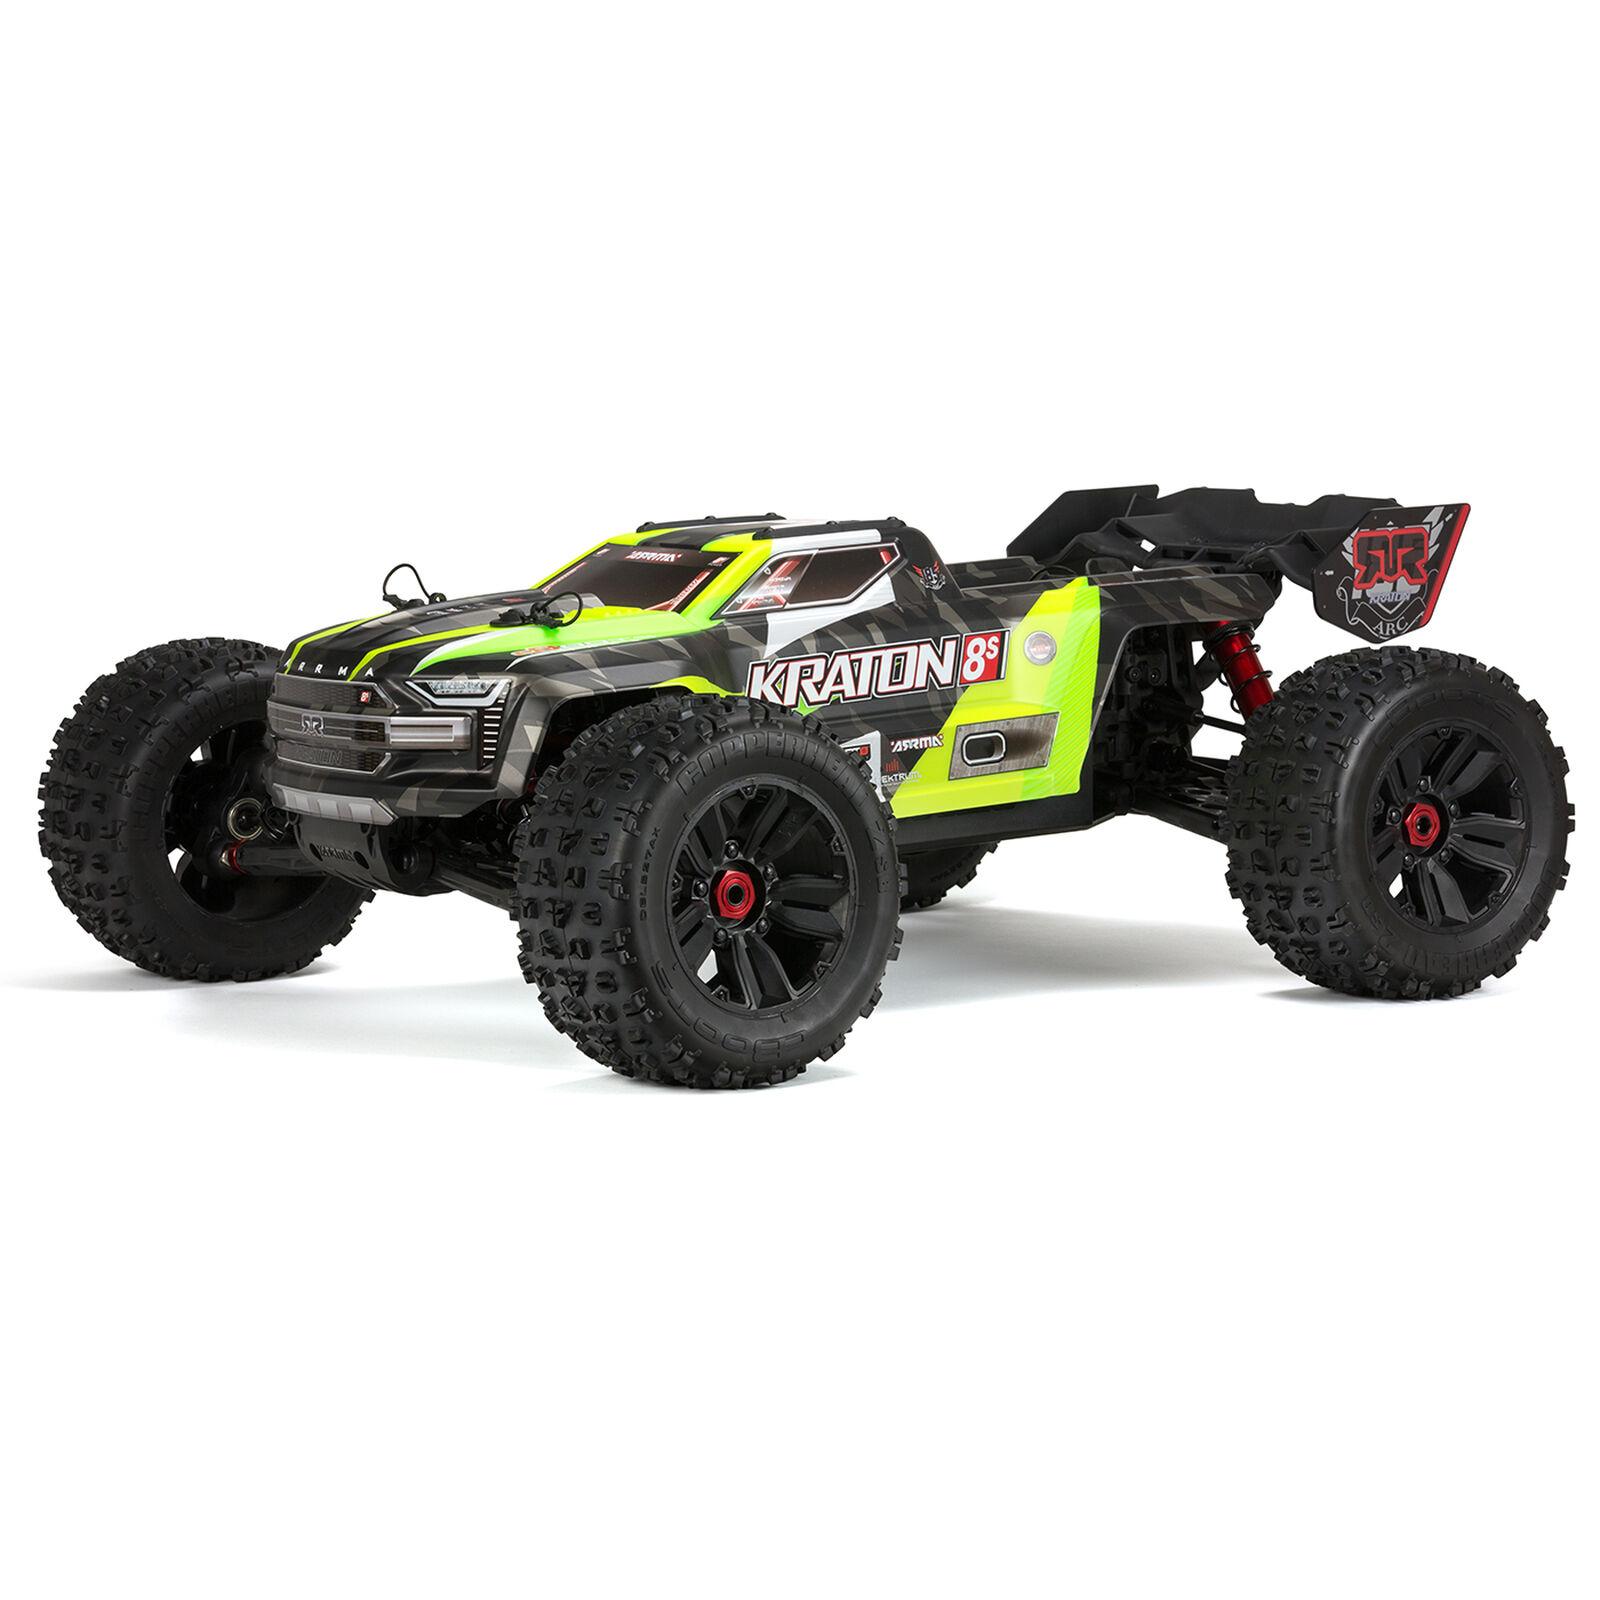 1/5 KRATON 4X4 8S BLX Brushless Speed Monster Truck RTR, Green